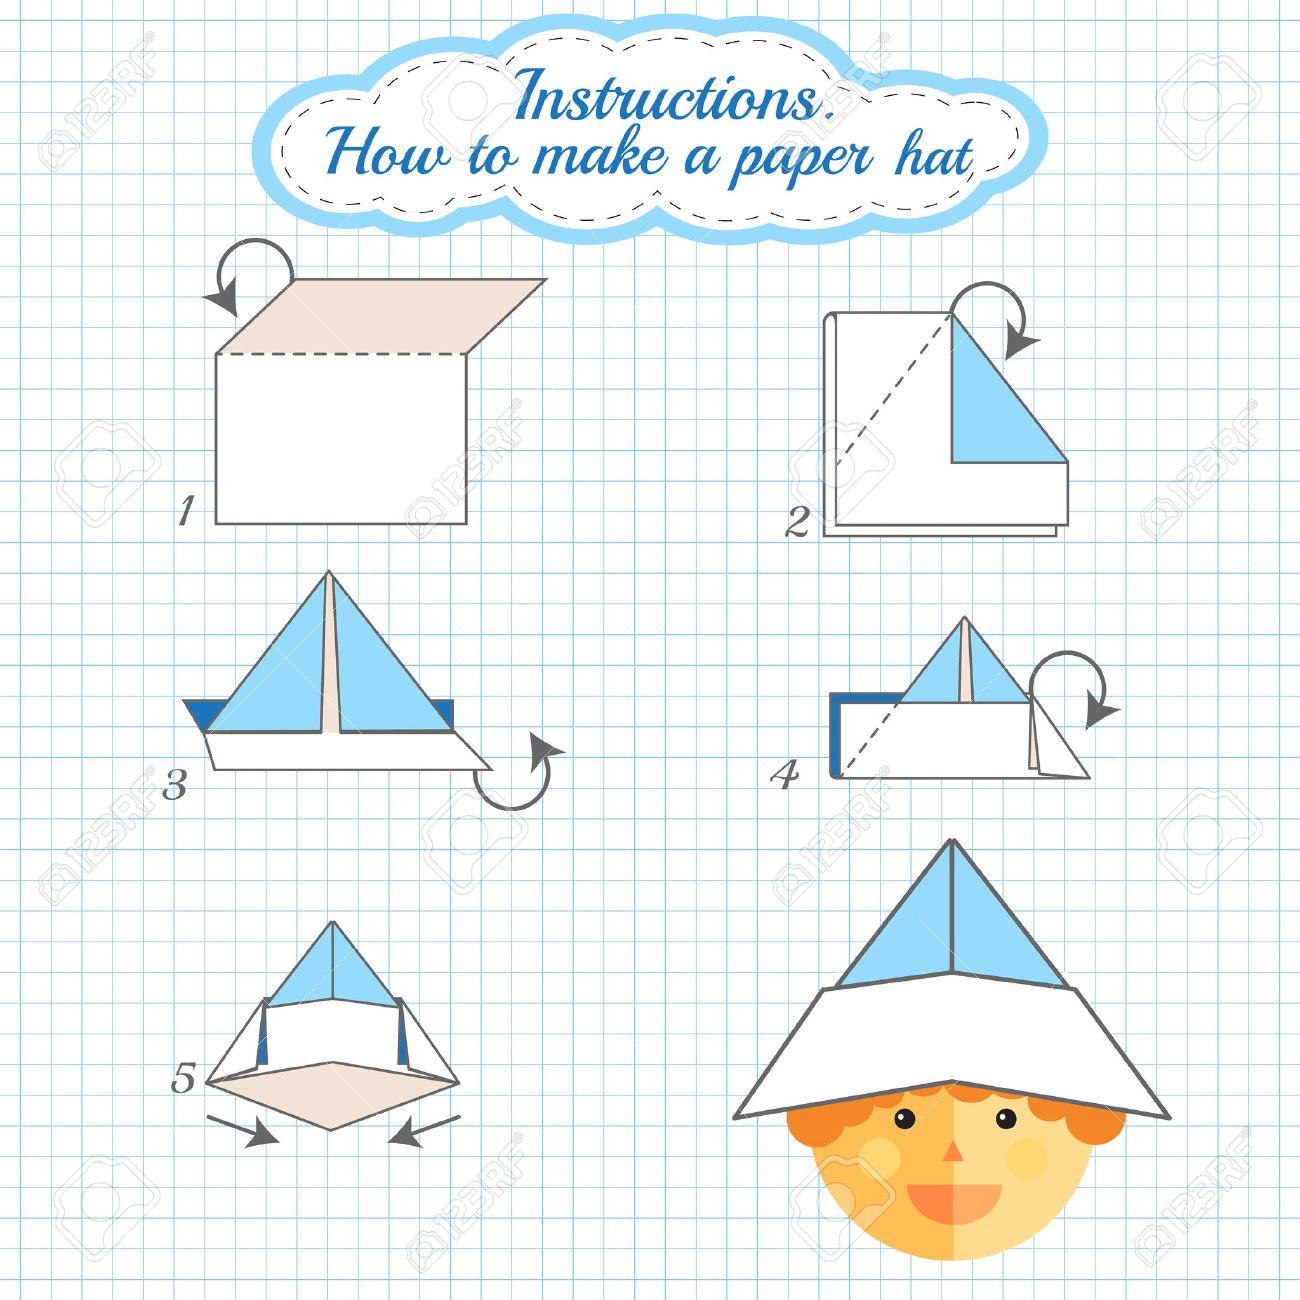 Instrucciones De Cómo Hacer El Sombrero De Papel Sombrero Tutorial Hecho Del Paso Del Papel A Paso Vector Origami Sombrero Juego Educativo Para